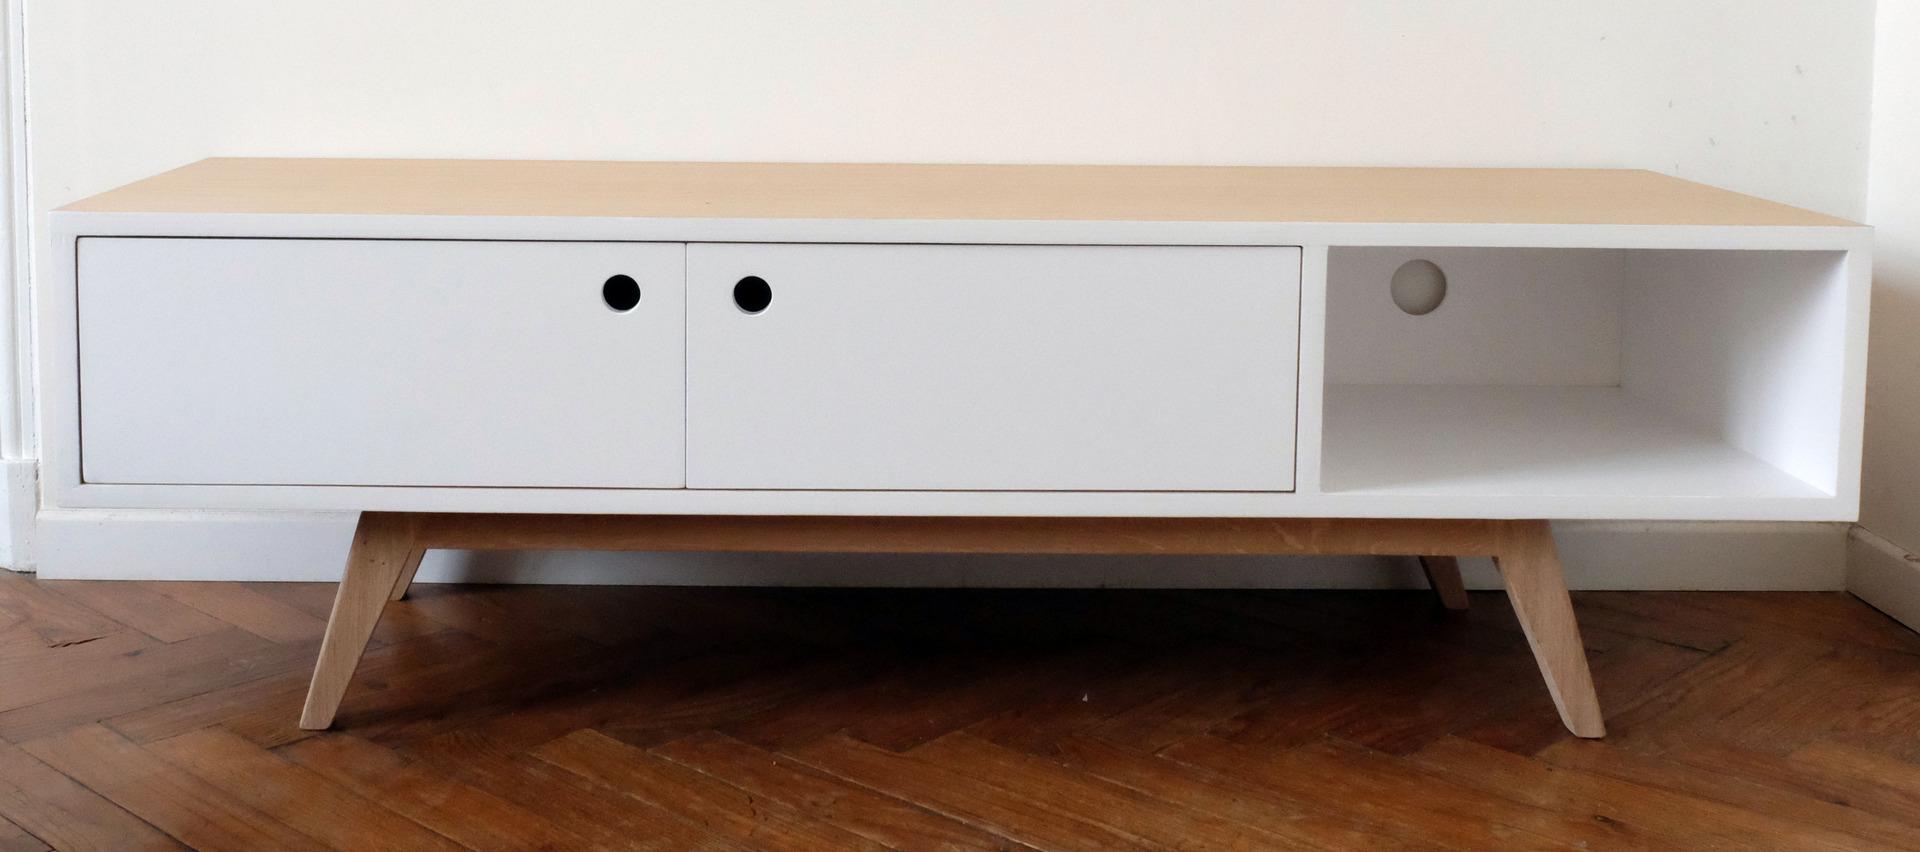 Petit Meuble Tv Scandinave – Bricolage Maison Et Décoration tout Meuble Tv Scandinave Pas Cher